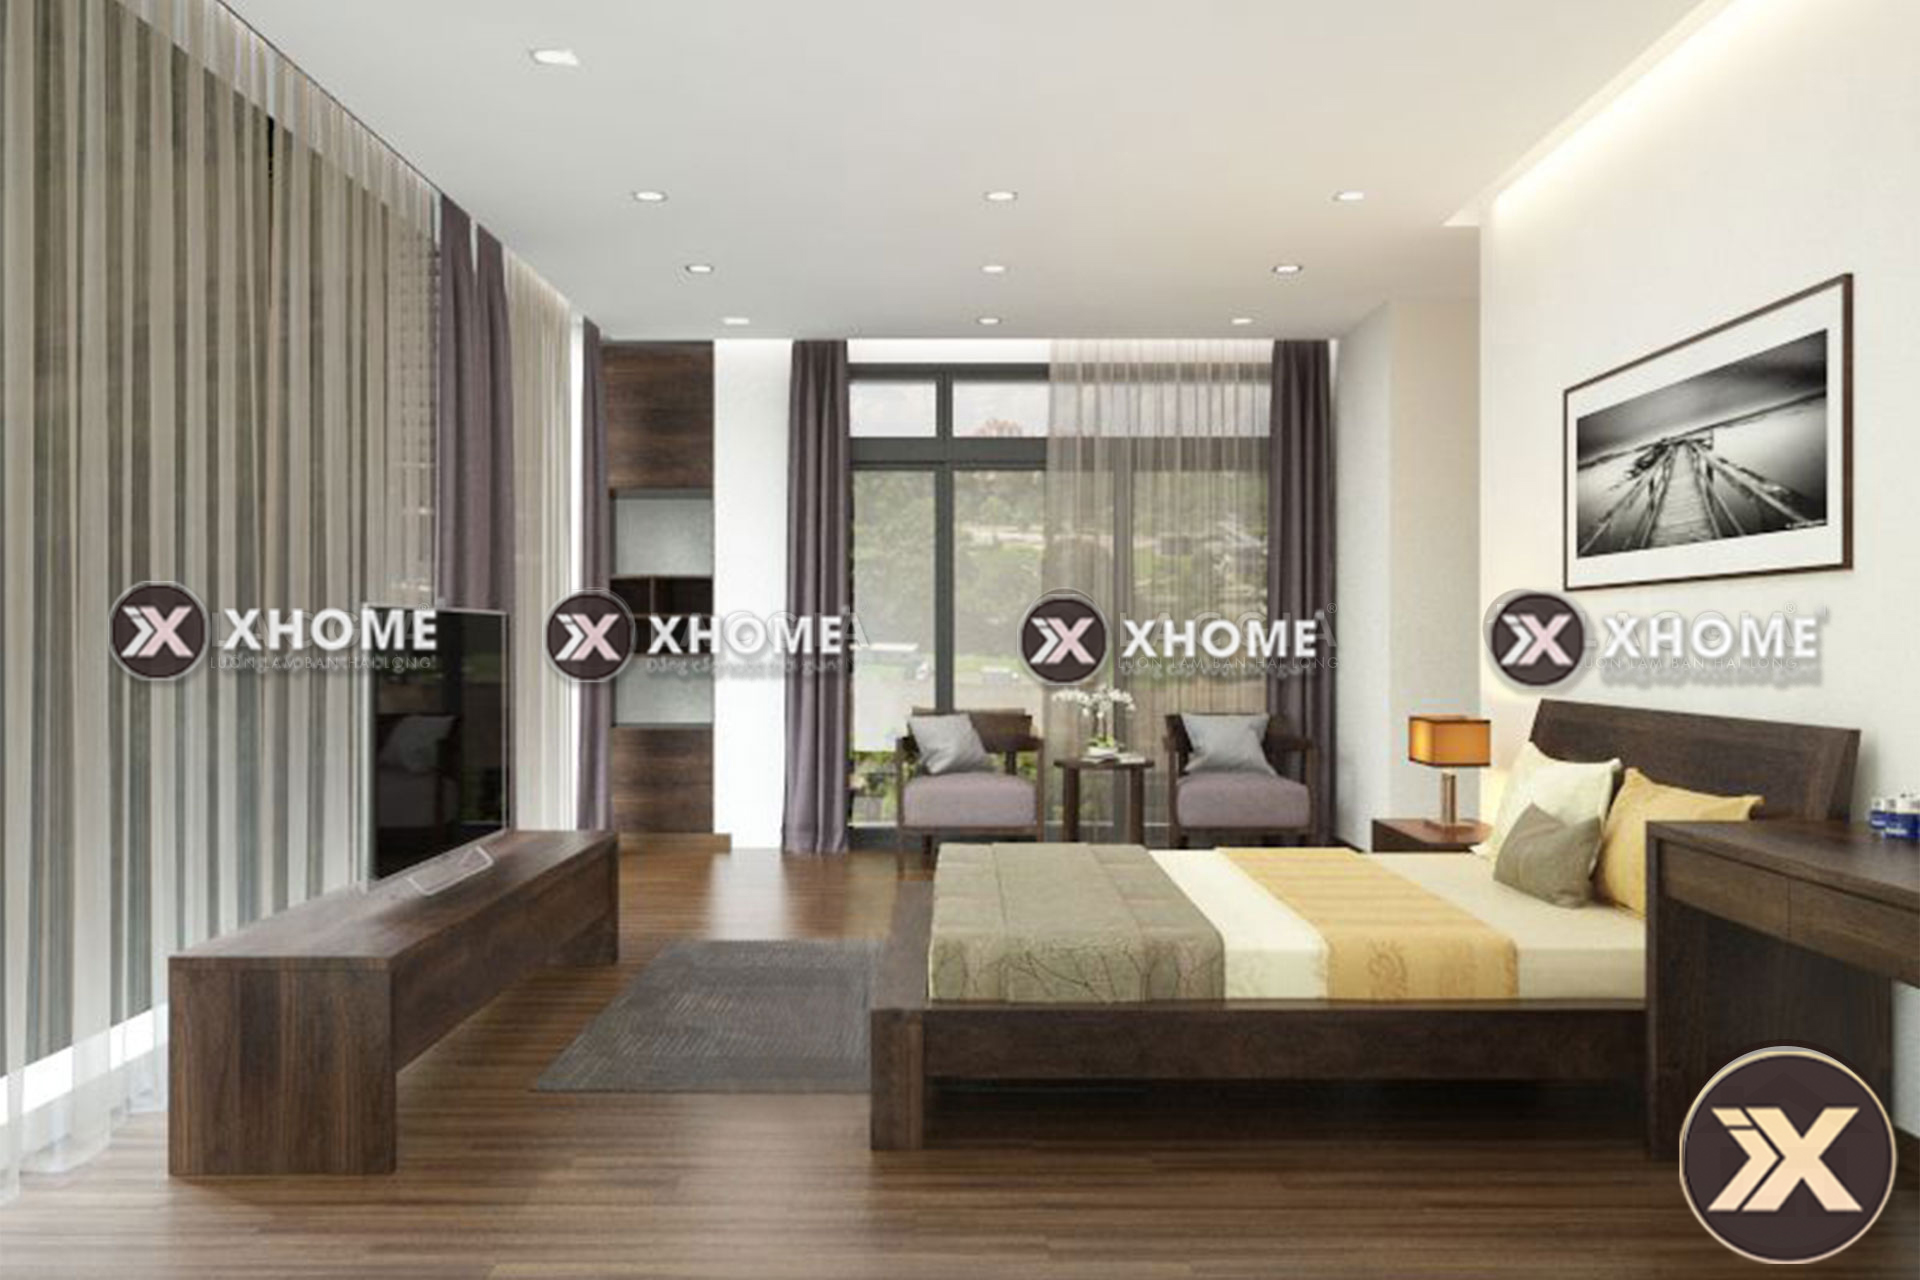 giuong ngu go tu nhien gn05 3 - 3 kiểu nội thất phòng ngủ đẹp, hiện đại mà bạn nên quan tâm.